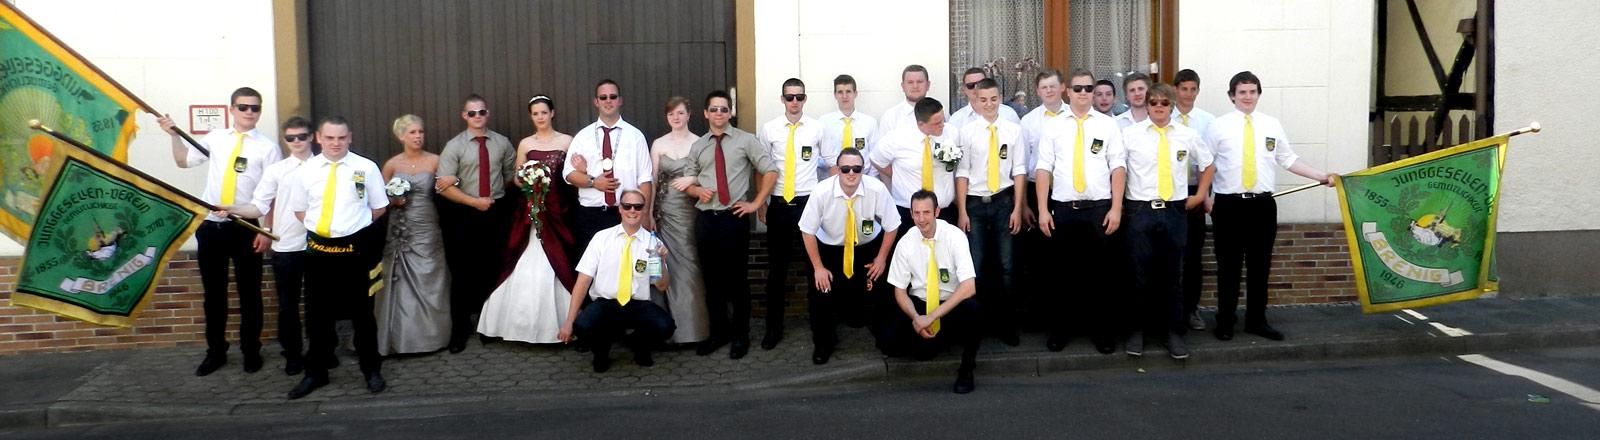 Mitglieder des Junggesellenvereins Gemütlichkeit Brenig